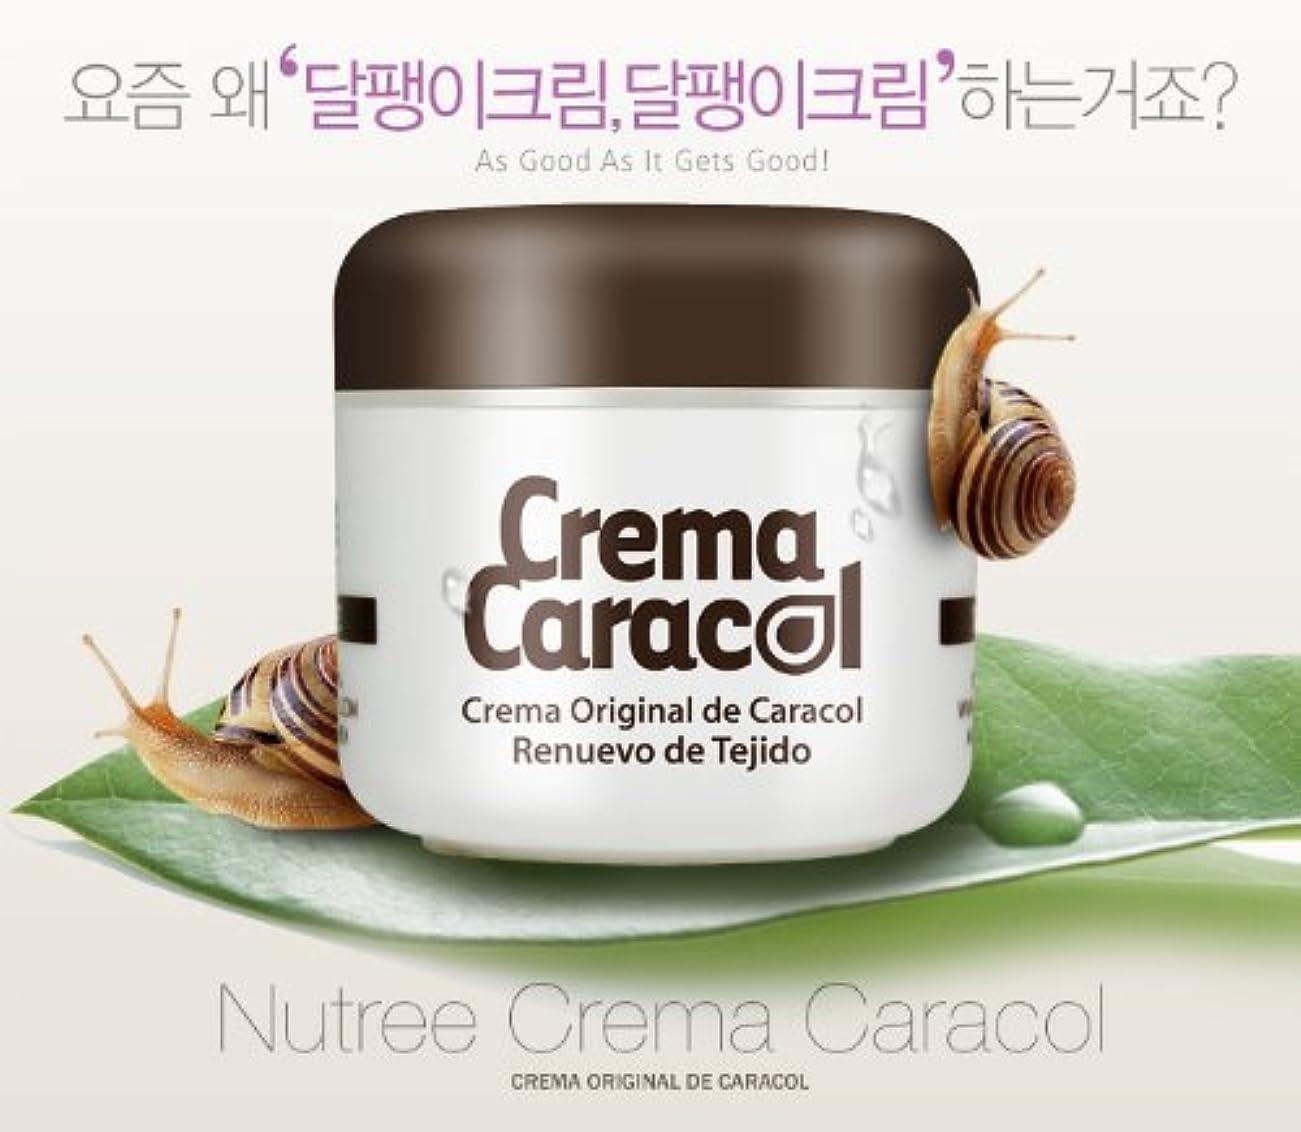 送るクラスお酢crema caracol(カラコール) かたつむりクリーム 5個セット